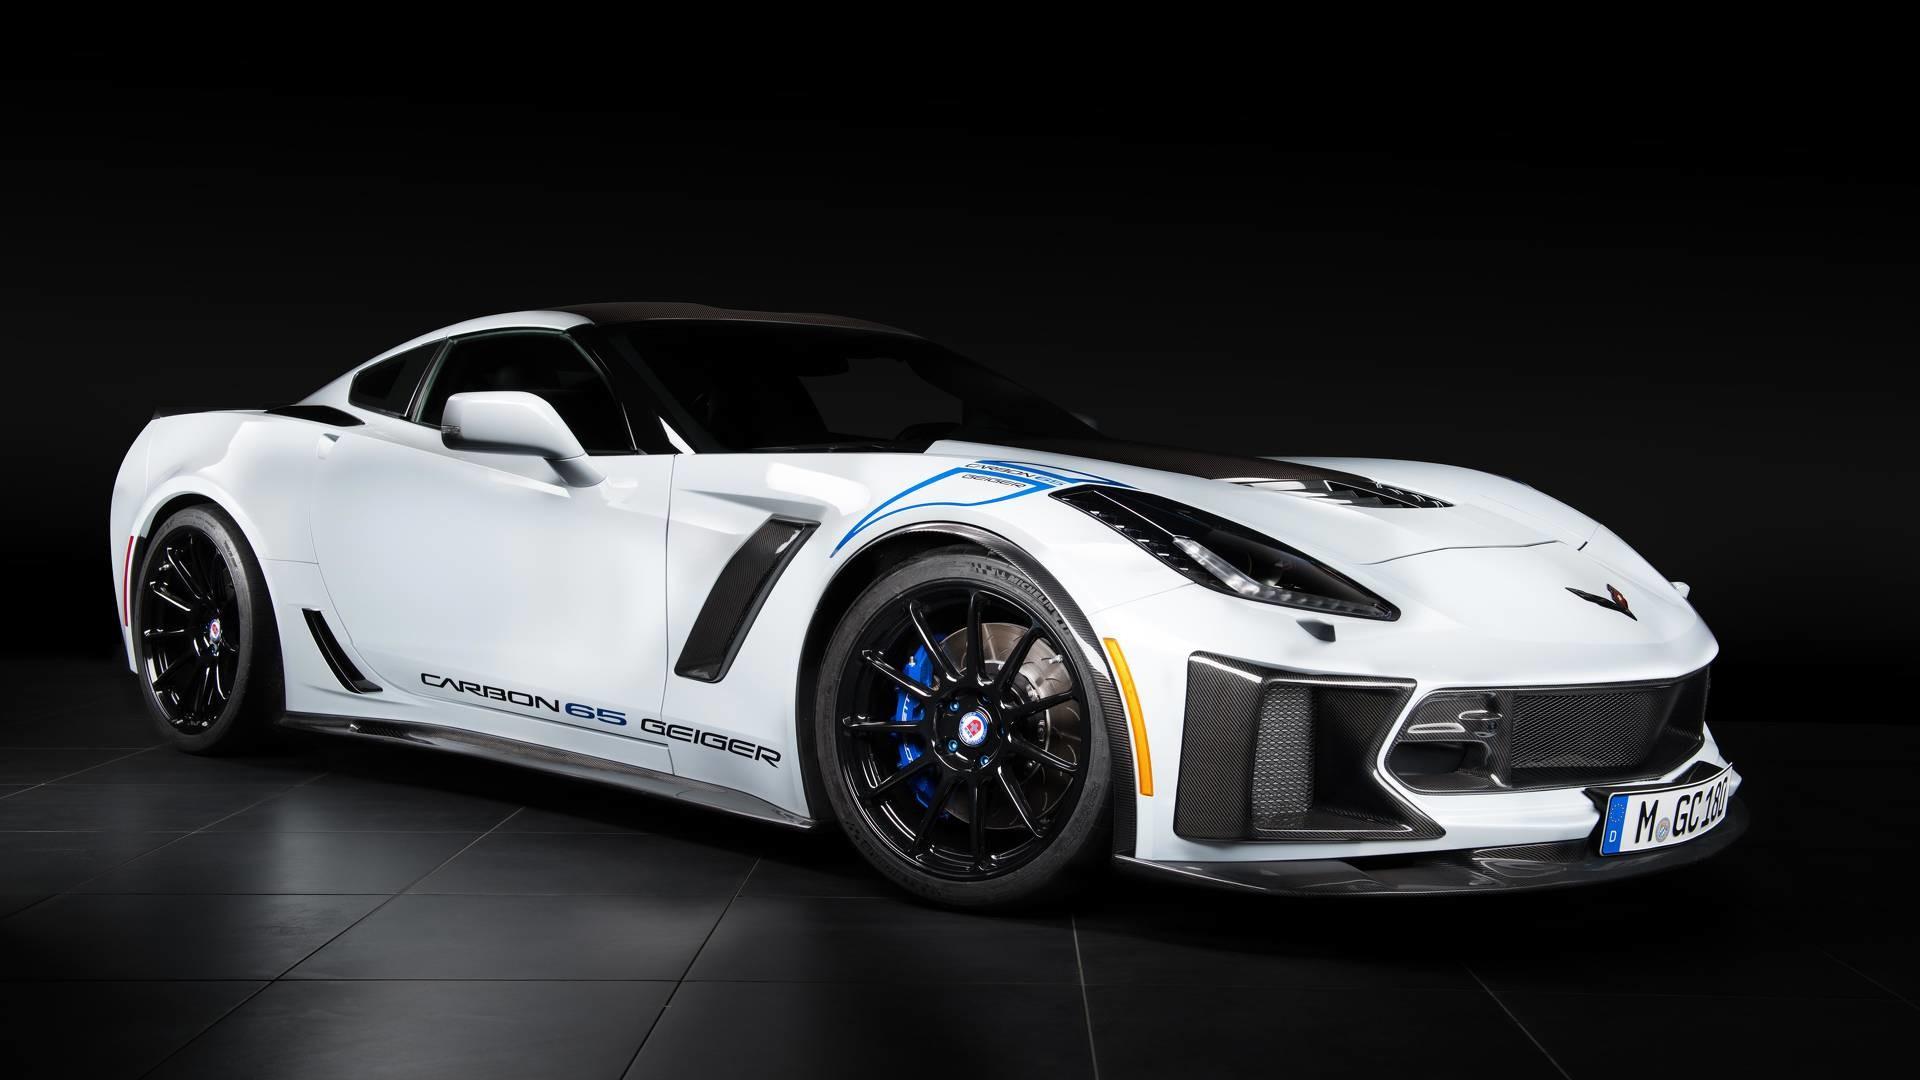 Foto de Corvette Z06 Geiger Carbon 65 Edition (15/15)